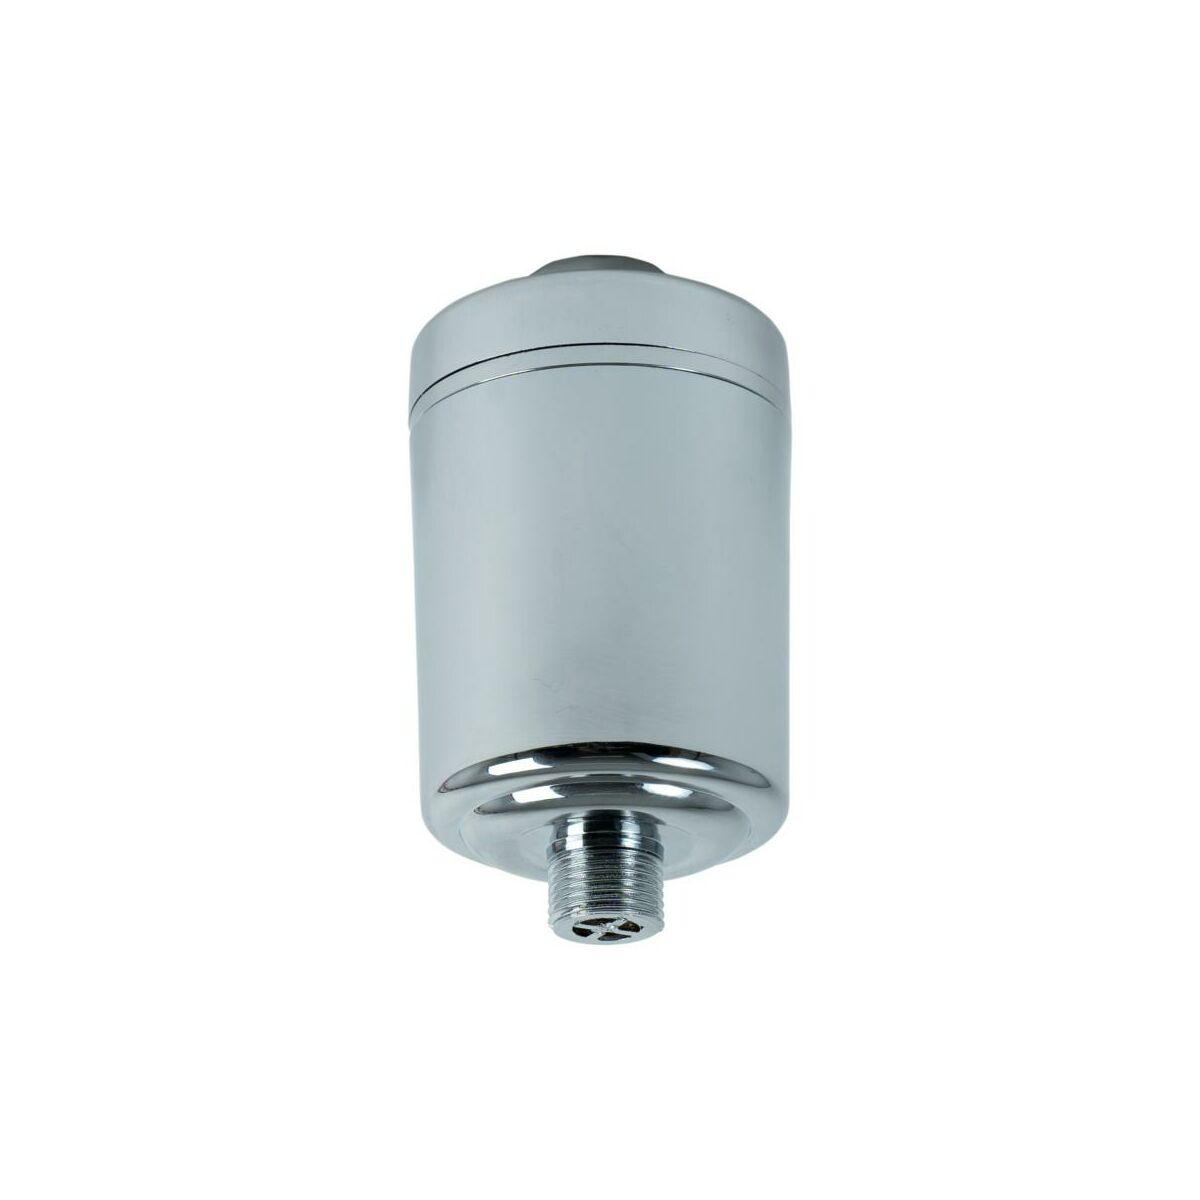 Filtr Prysznicowy Chrom Klarwod Wklady Do Filtrow W Atrakcyjnej Cenie W Sklepach Leroy Merlin